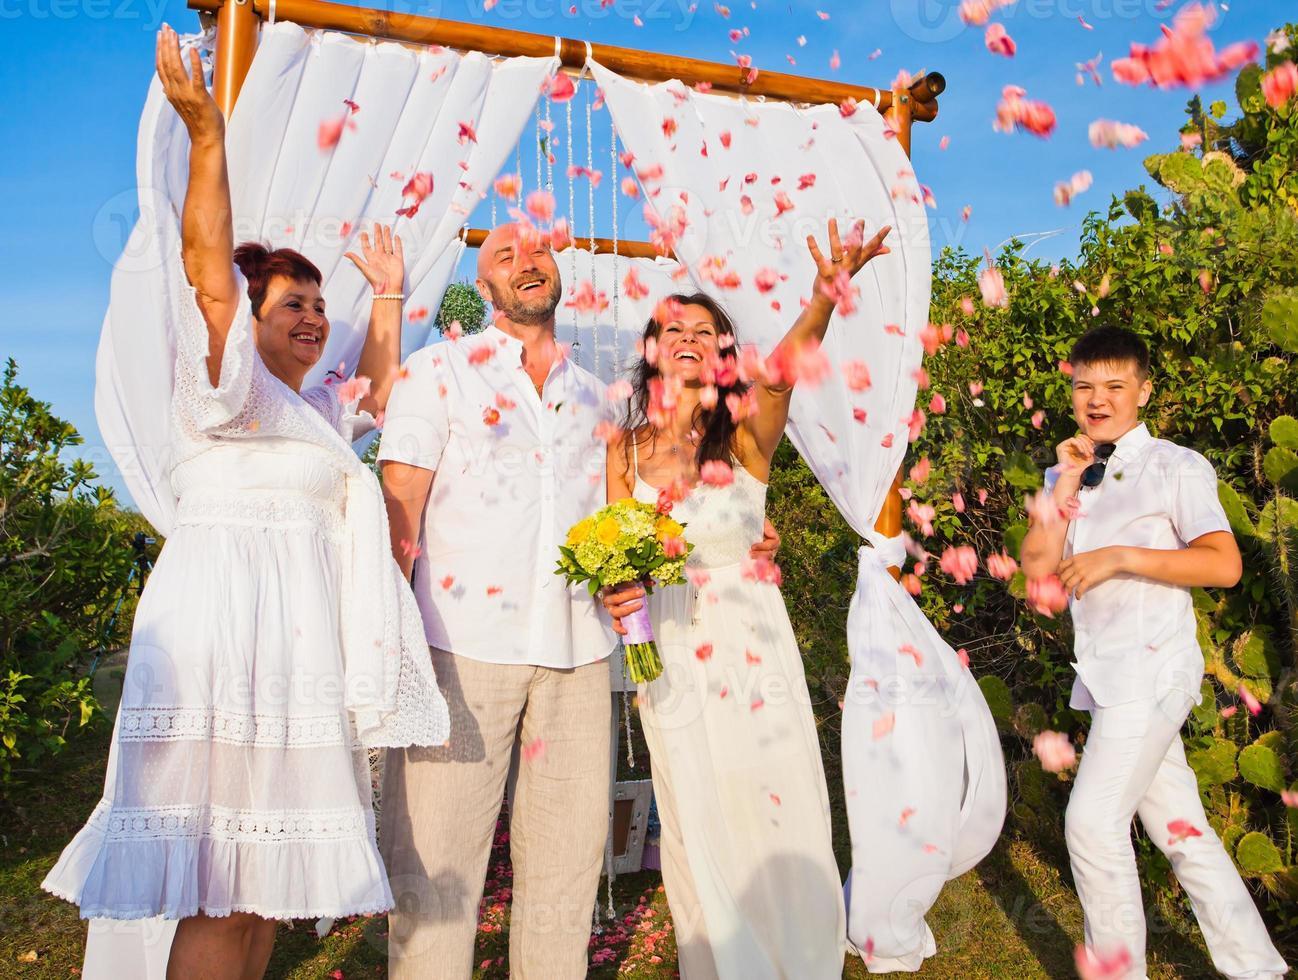 cérémonie de mariage d'un couple mature et de leur famille photo